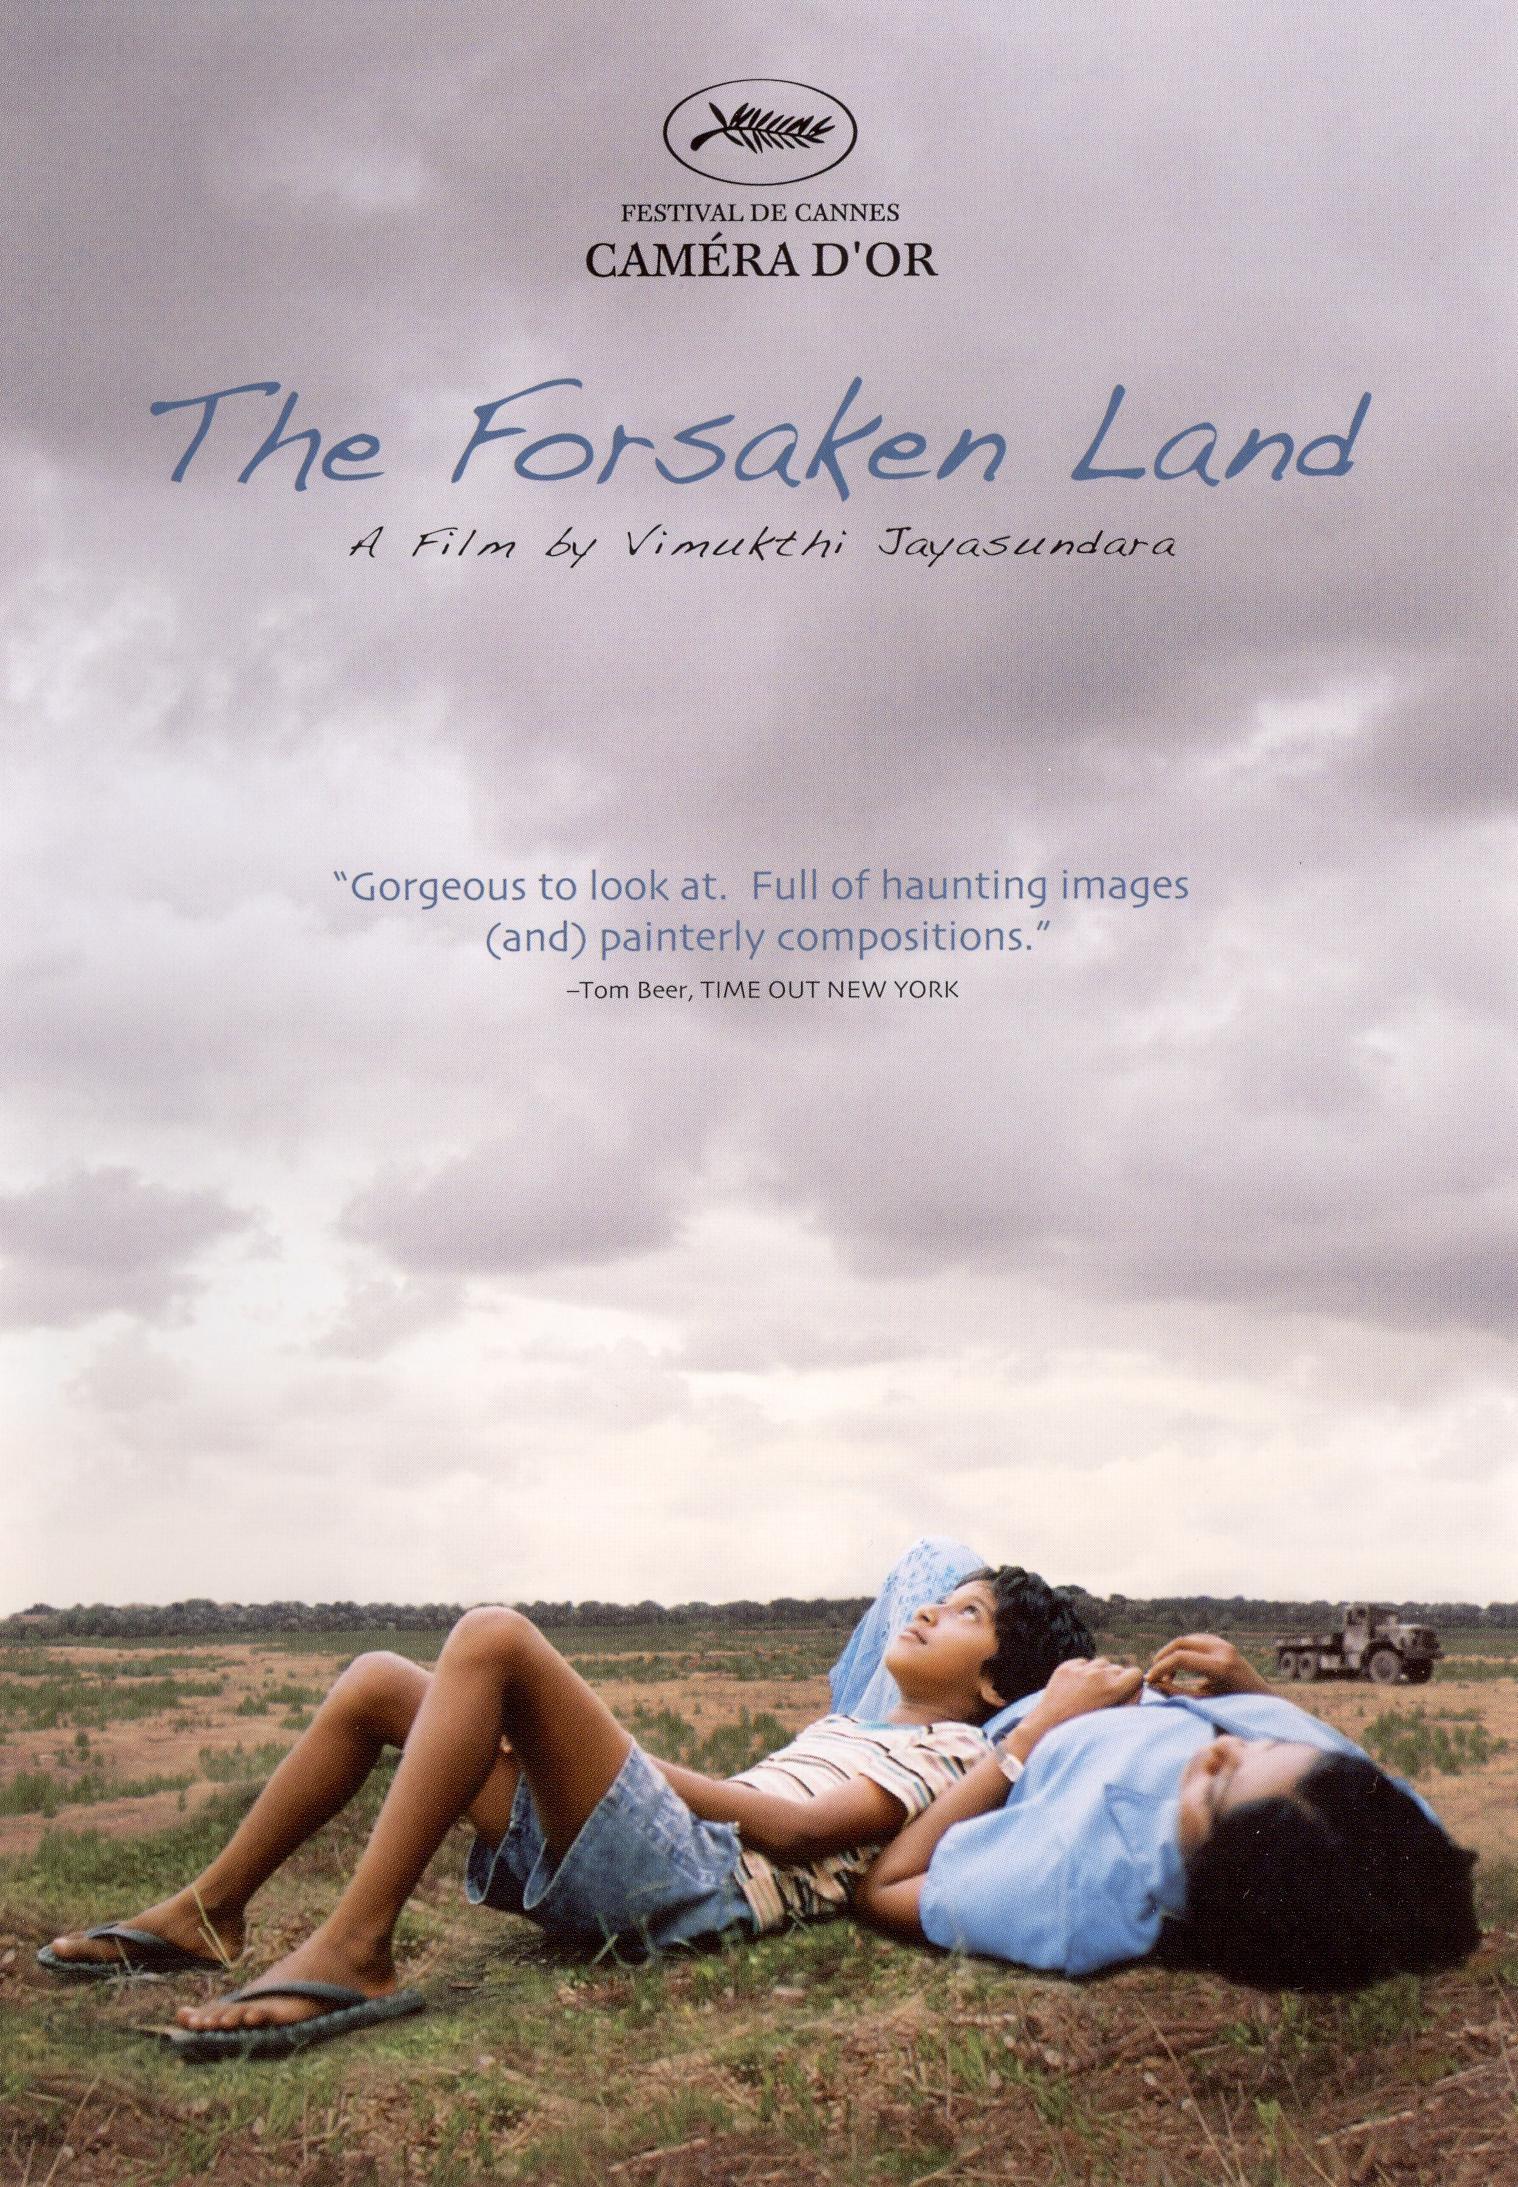 The Forsaken Land